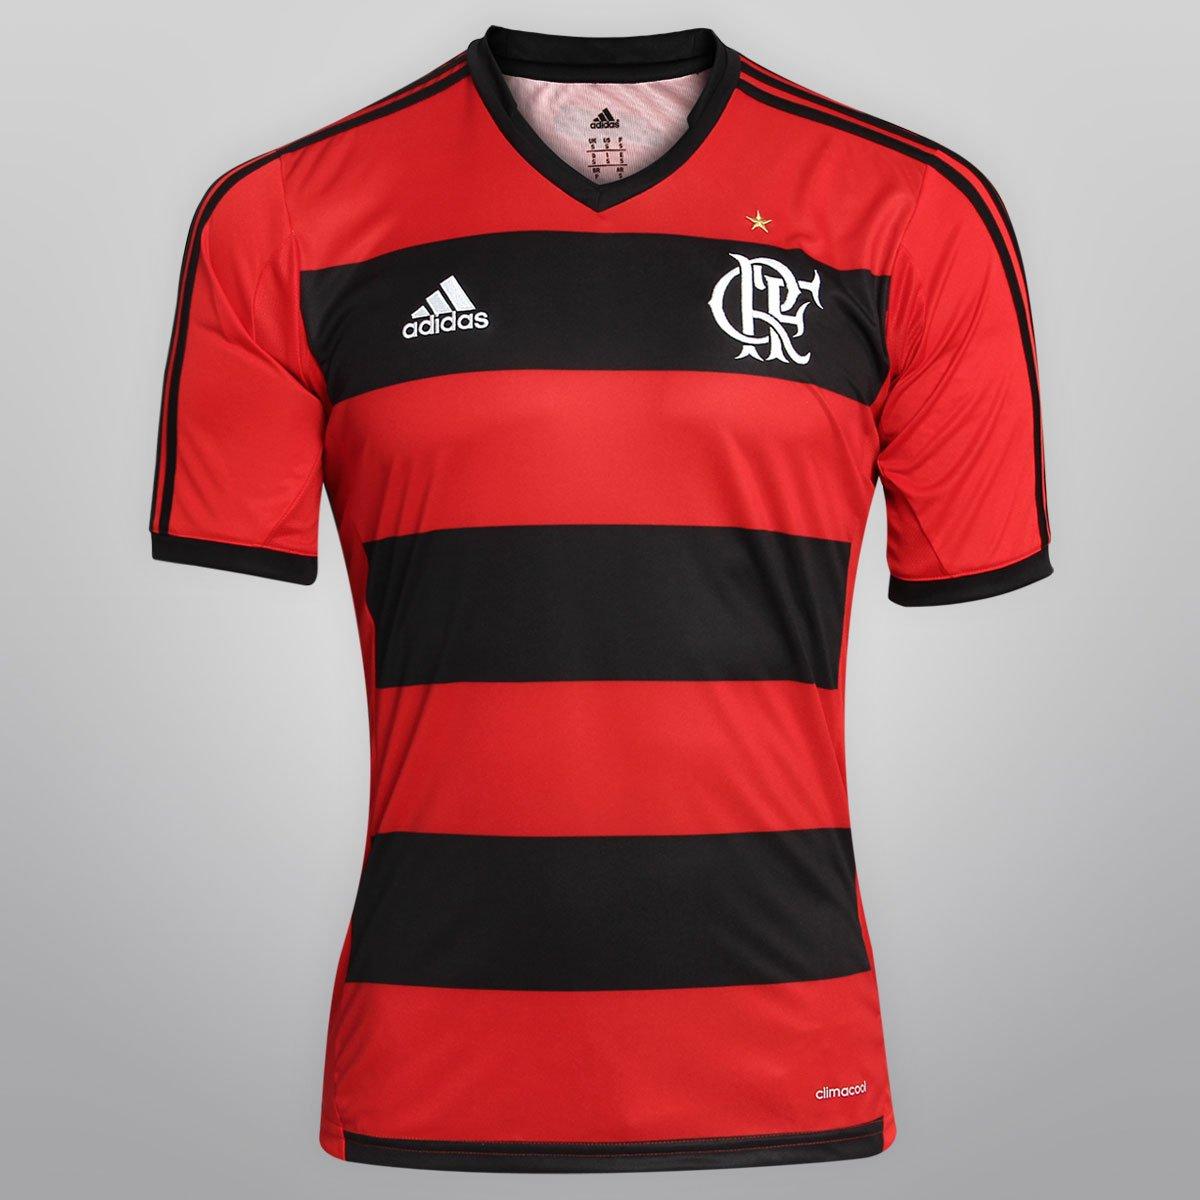 83135618a792b Camisa Adidas Flamengo I 13 14 s nº - Compre Agora